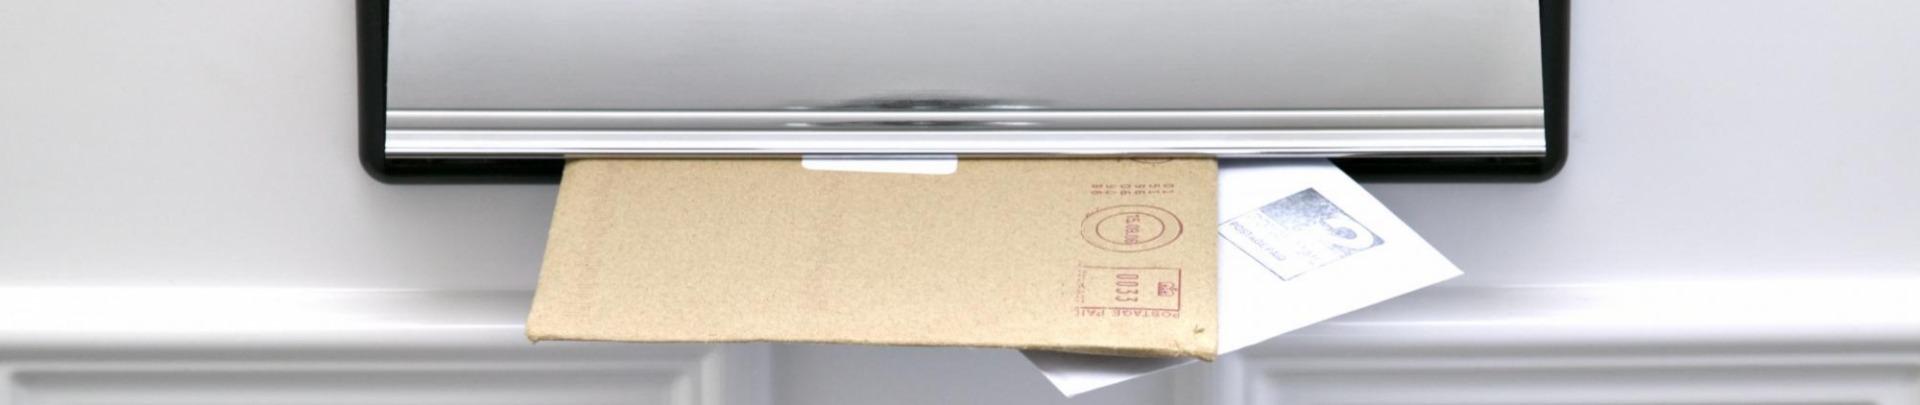 Brieven steken door de brievenbus